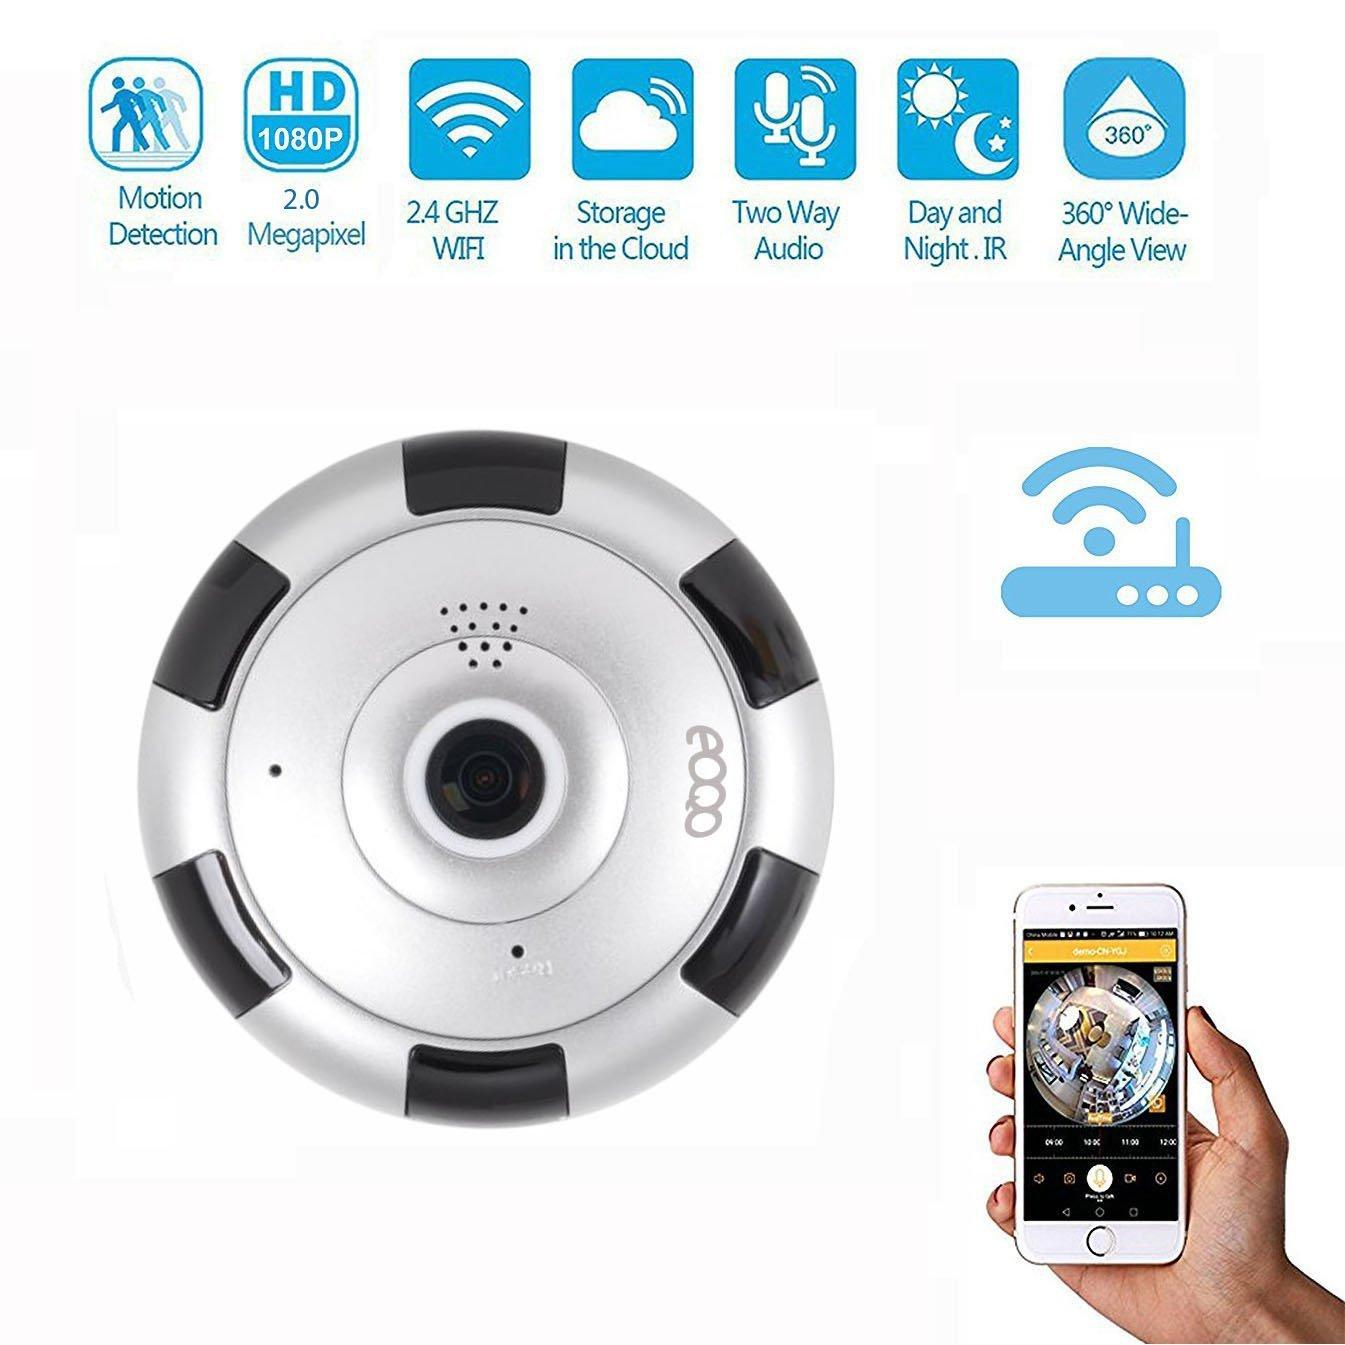 Kablosuz Kamera Panoramik 360 Derece 200W Piksel Wifi Ağ Cep Telefonu Uzaktan Kart Gözetleme Kamerası Beyaz Çember